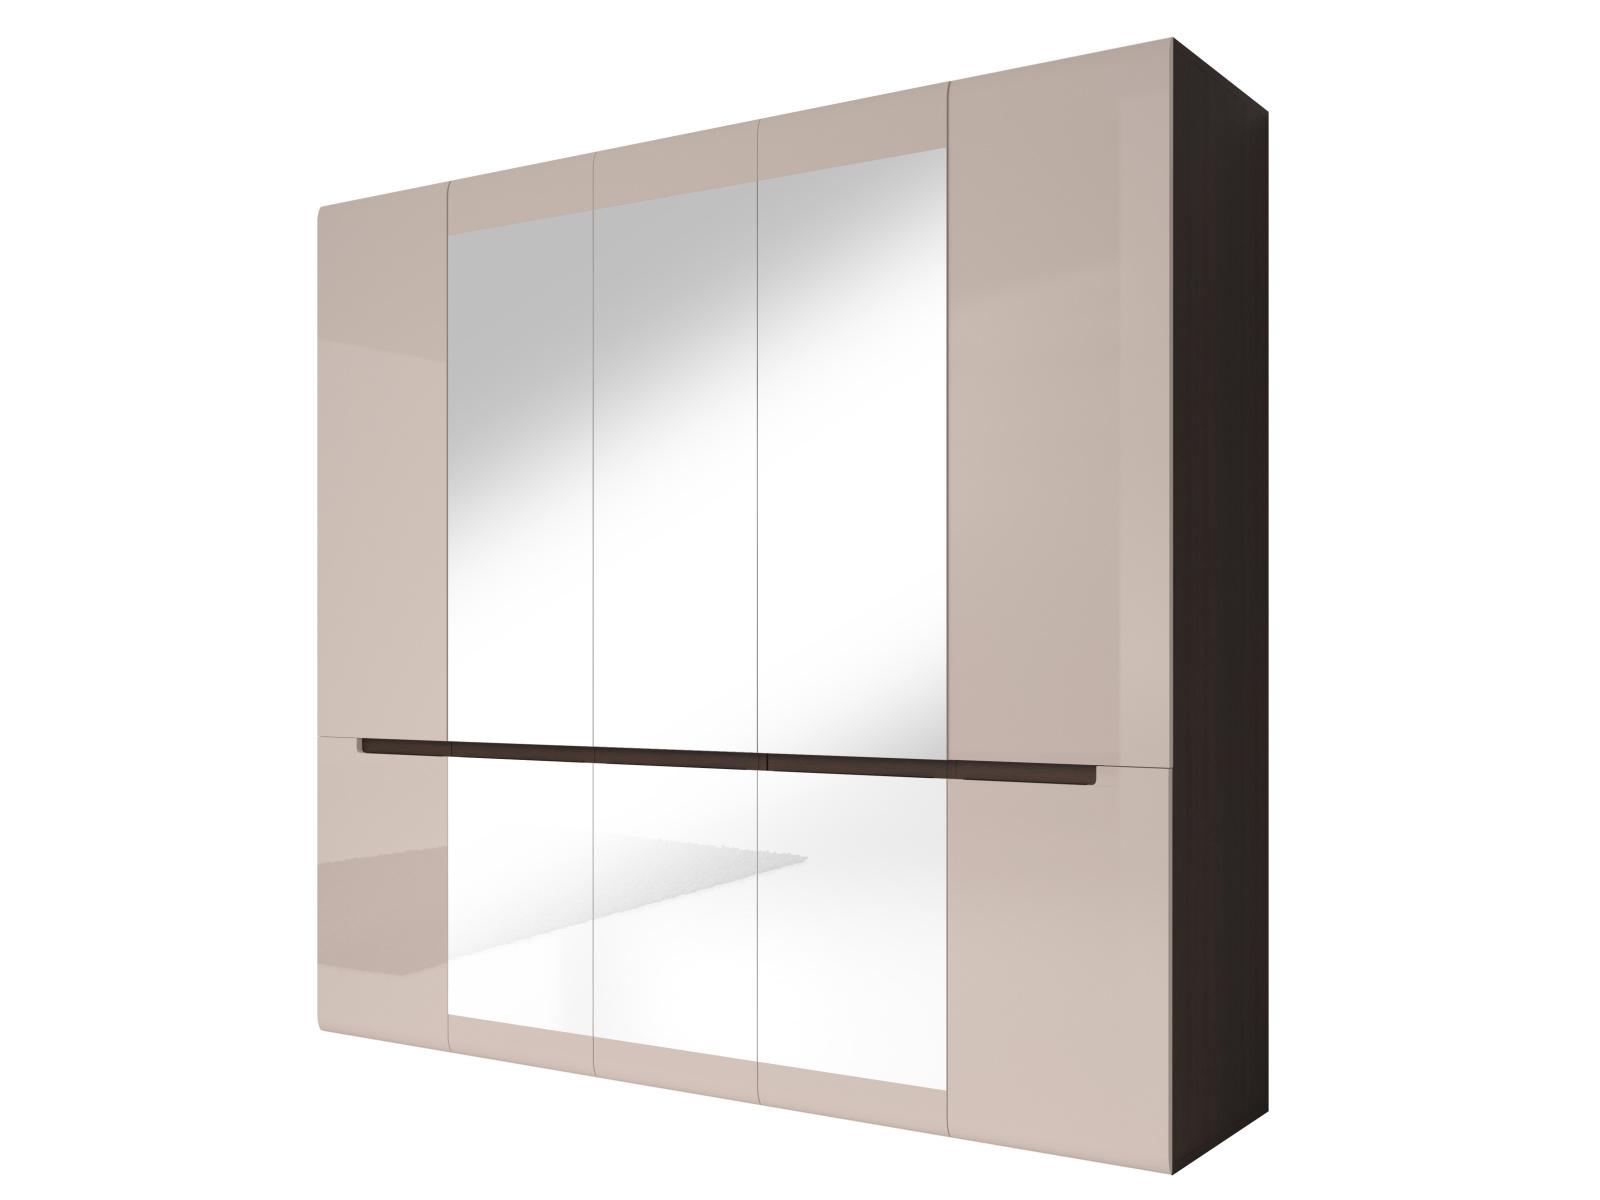 Smartshop HEKTOR šatní skříň se zrcadlem 225 TYP 21, dub sonoma tmavý/pískově šedý lesk